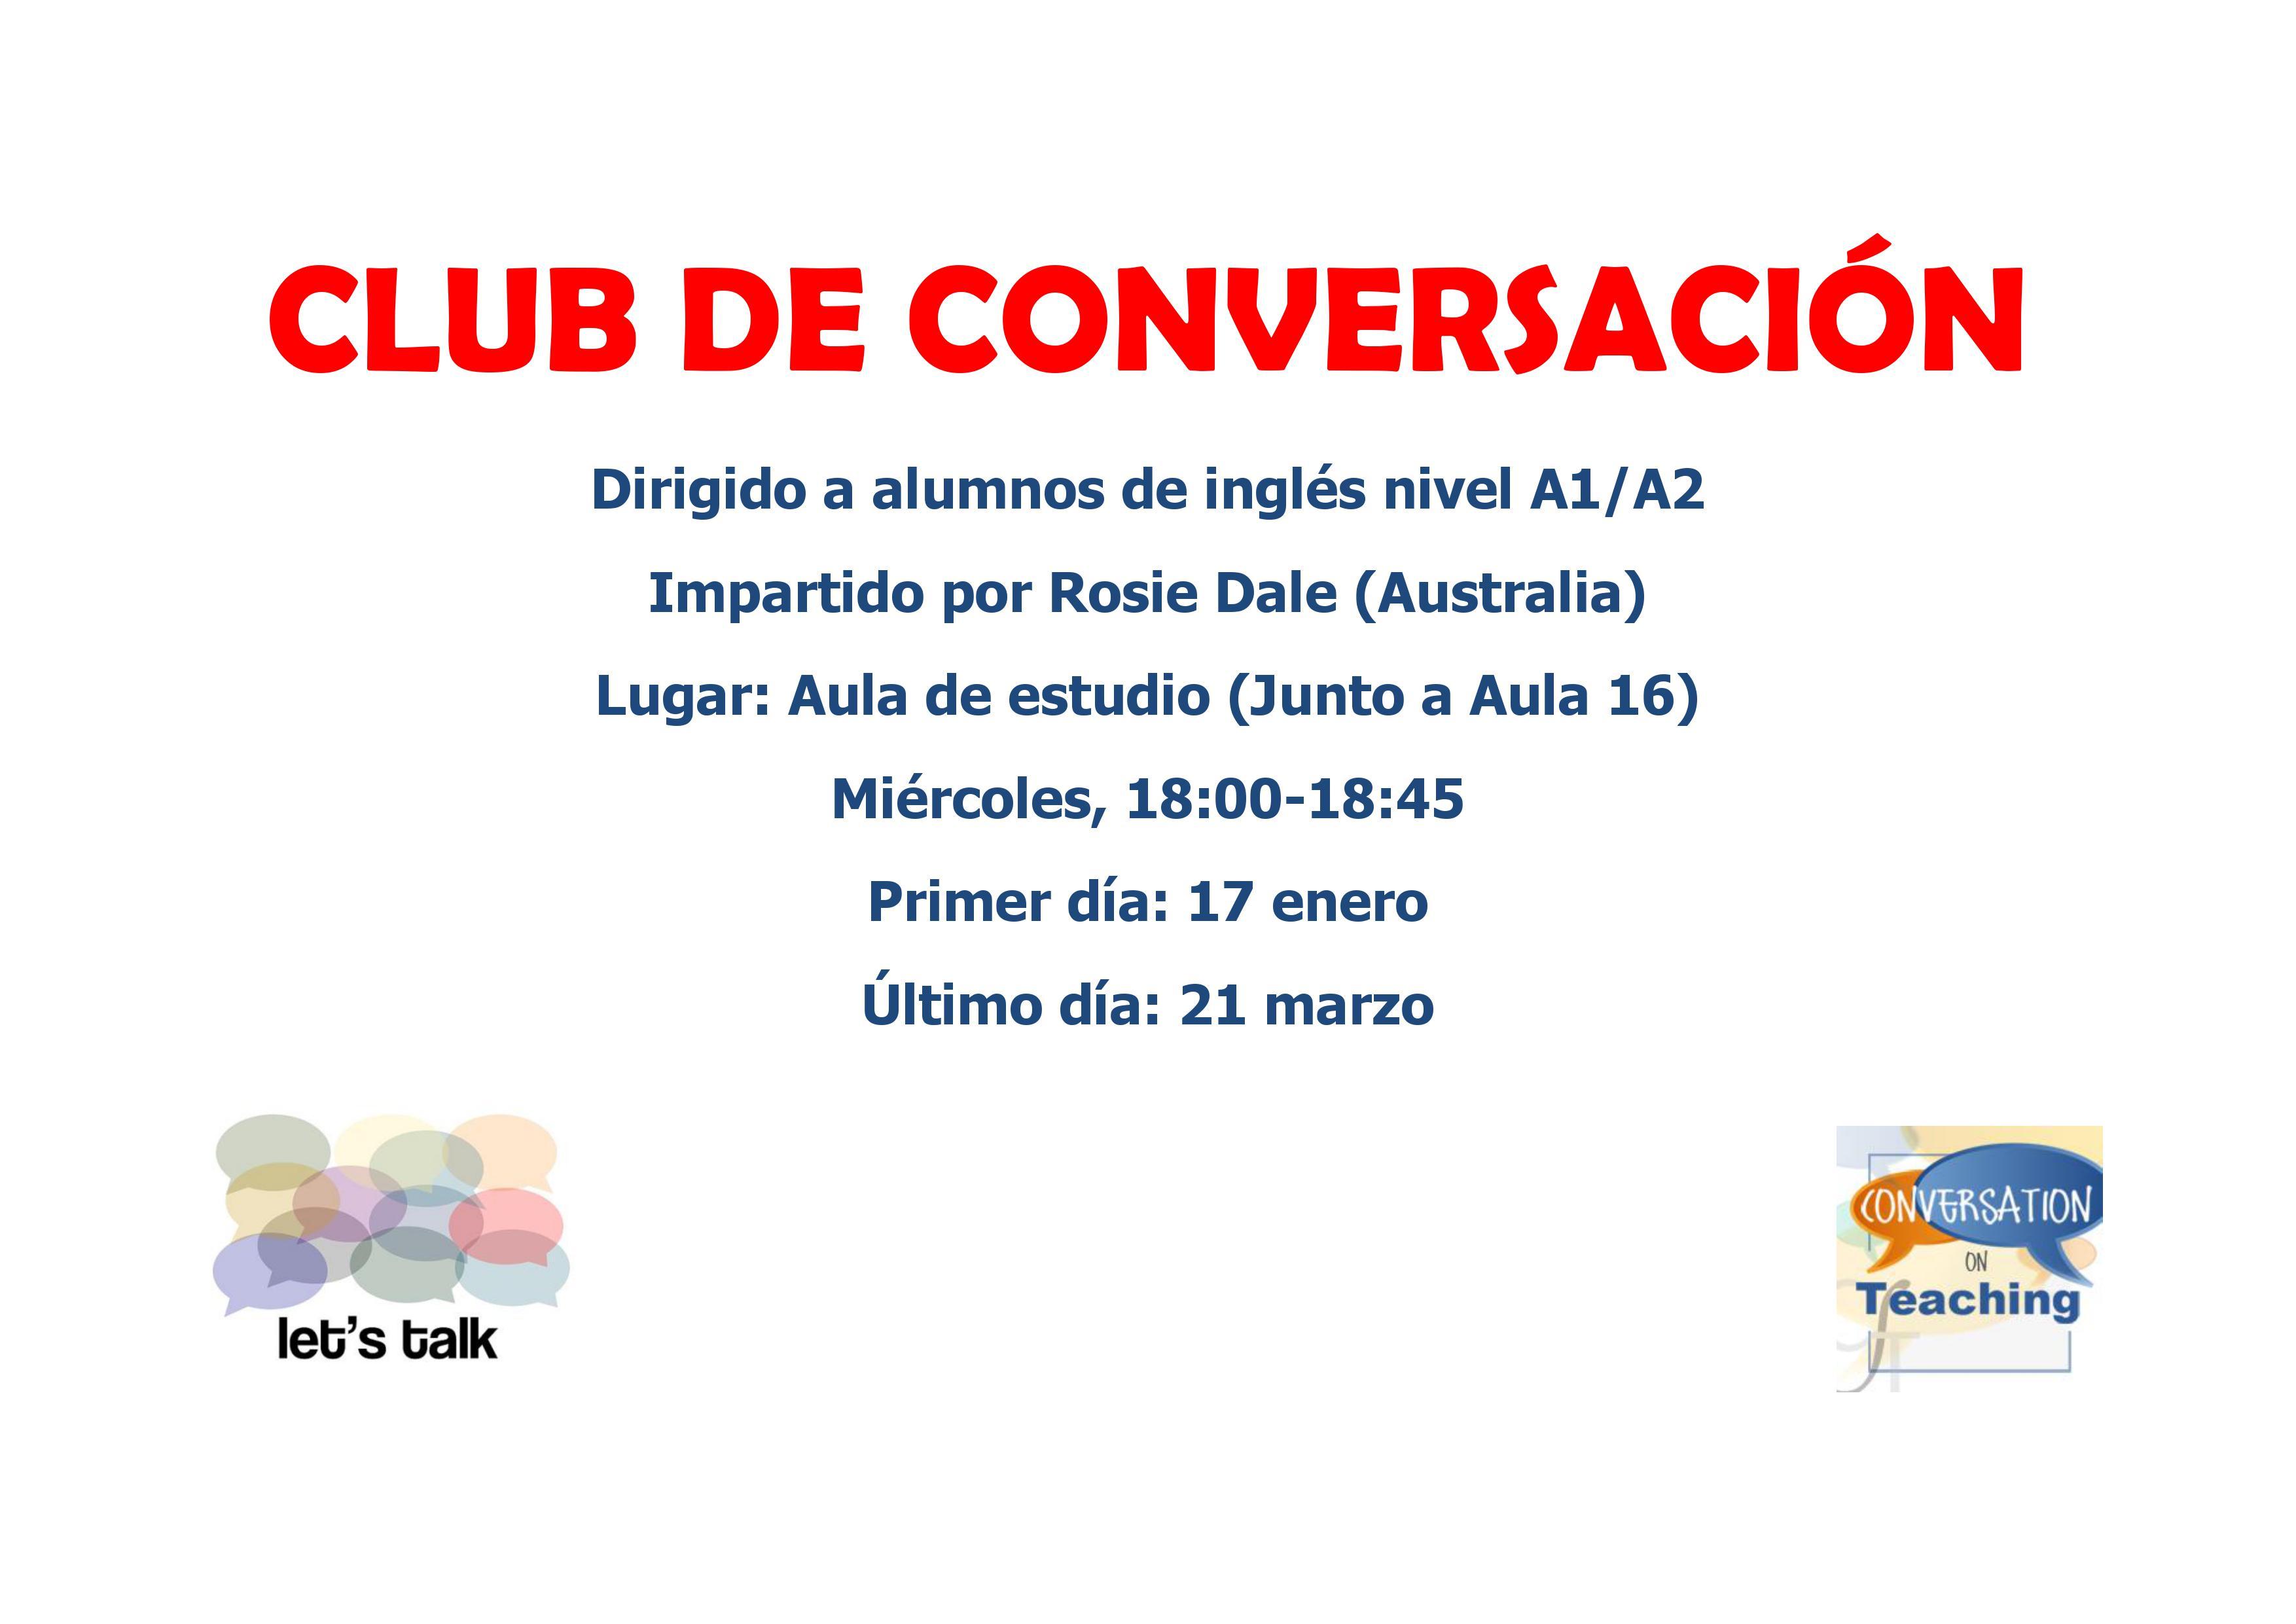 TALLER DE CONVERSACIÓN  - Nuevo club de conversación de inglés para A1 y A2